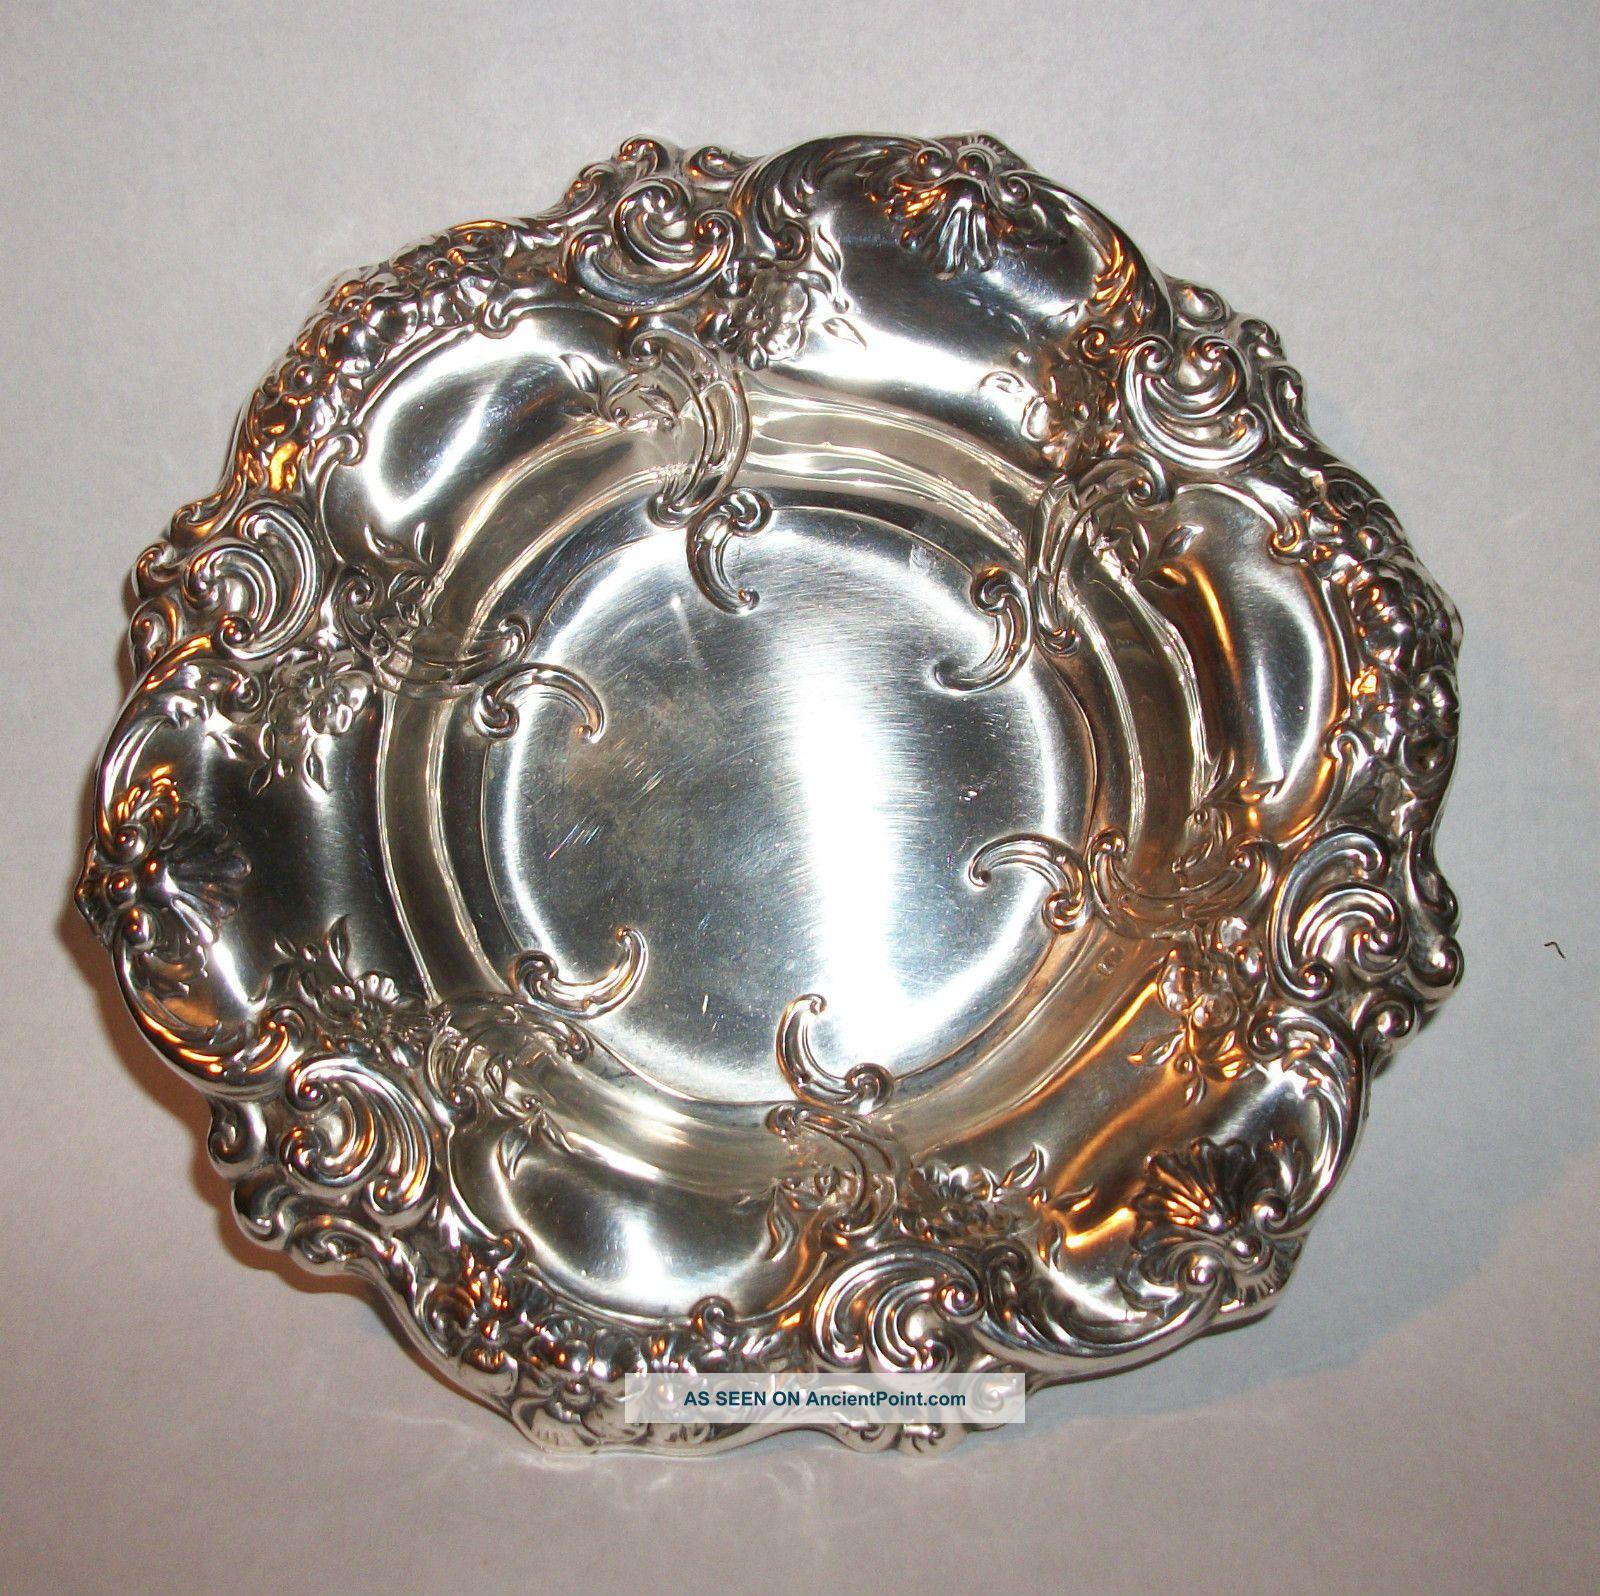 Vintage Gorham Sterling Silver Repousse Bon Bon Bowl 816 Bowls photo